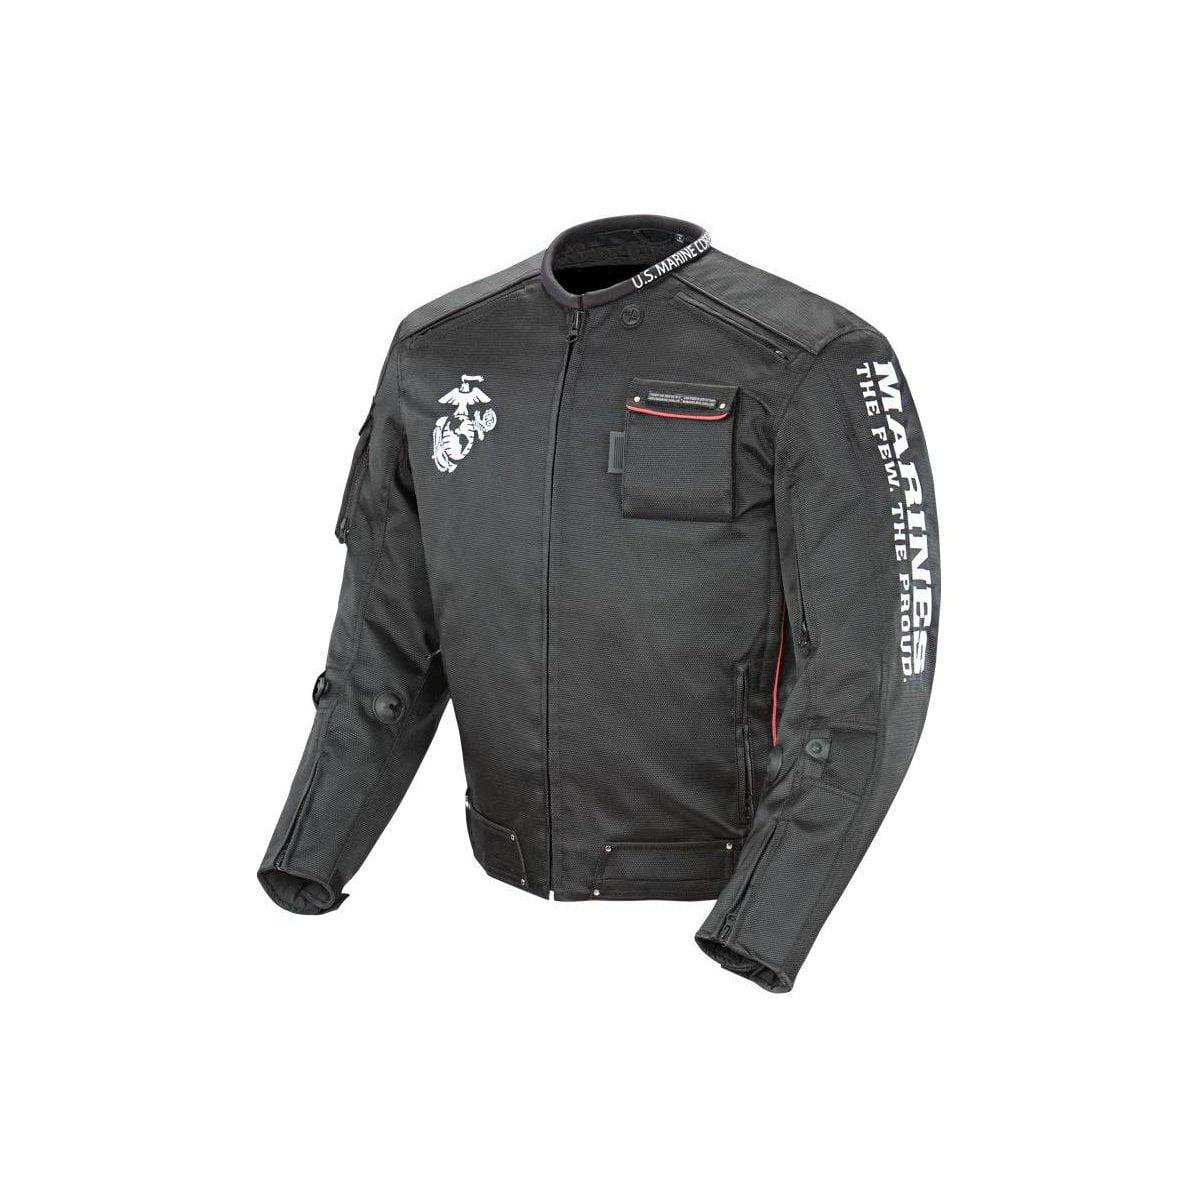 Joe Rocket Marines Alpha Textile Jacket Black